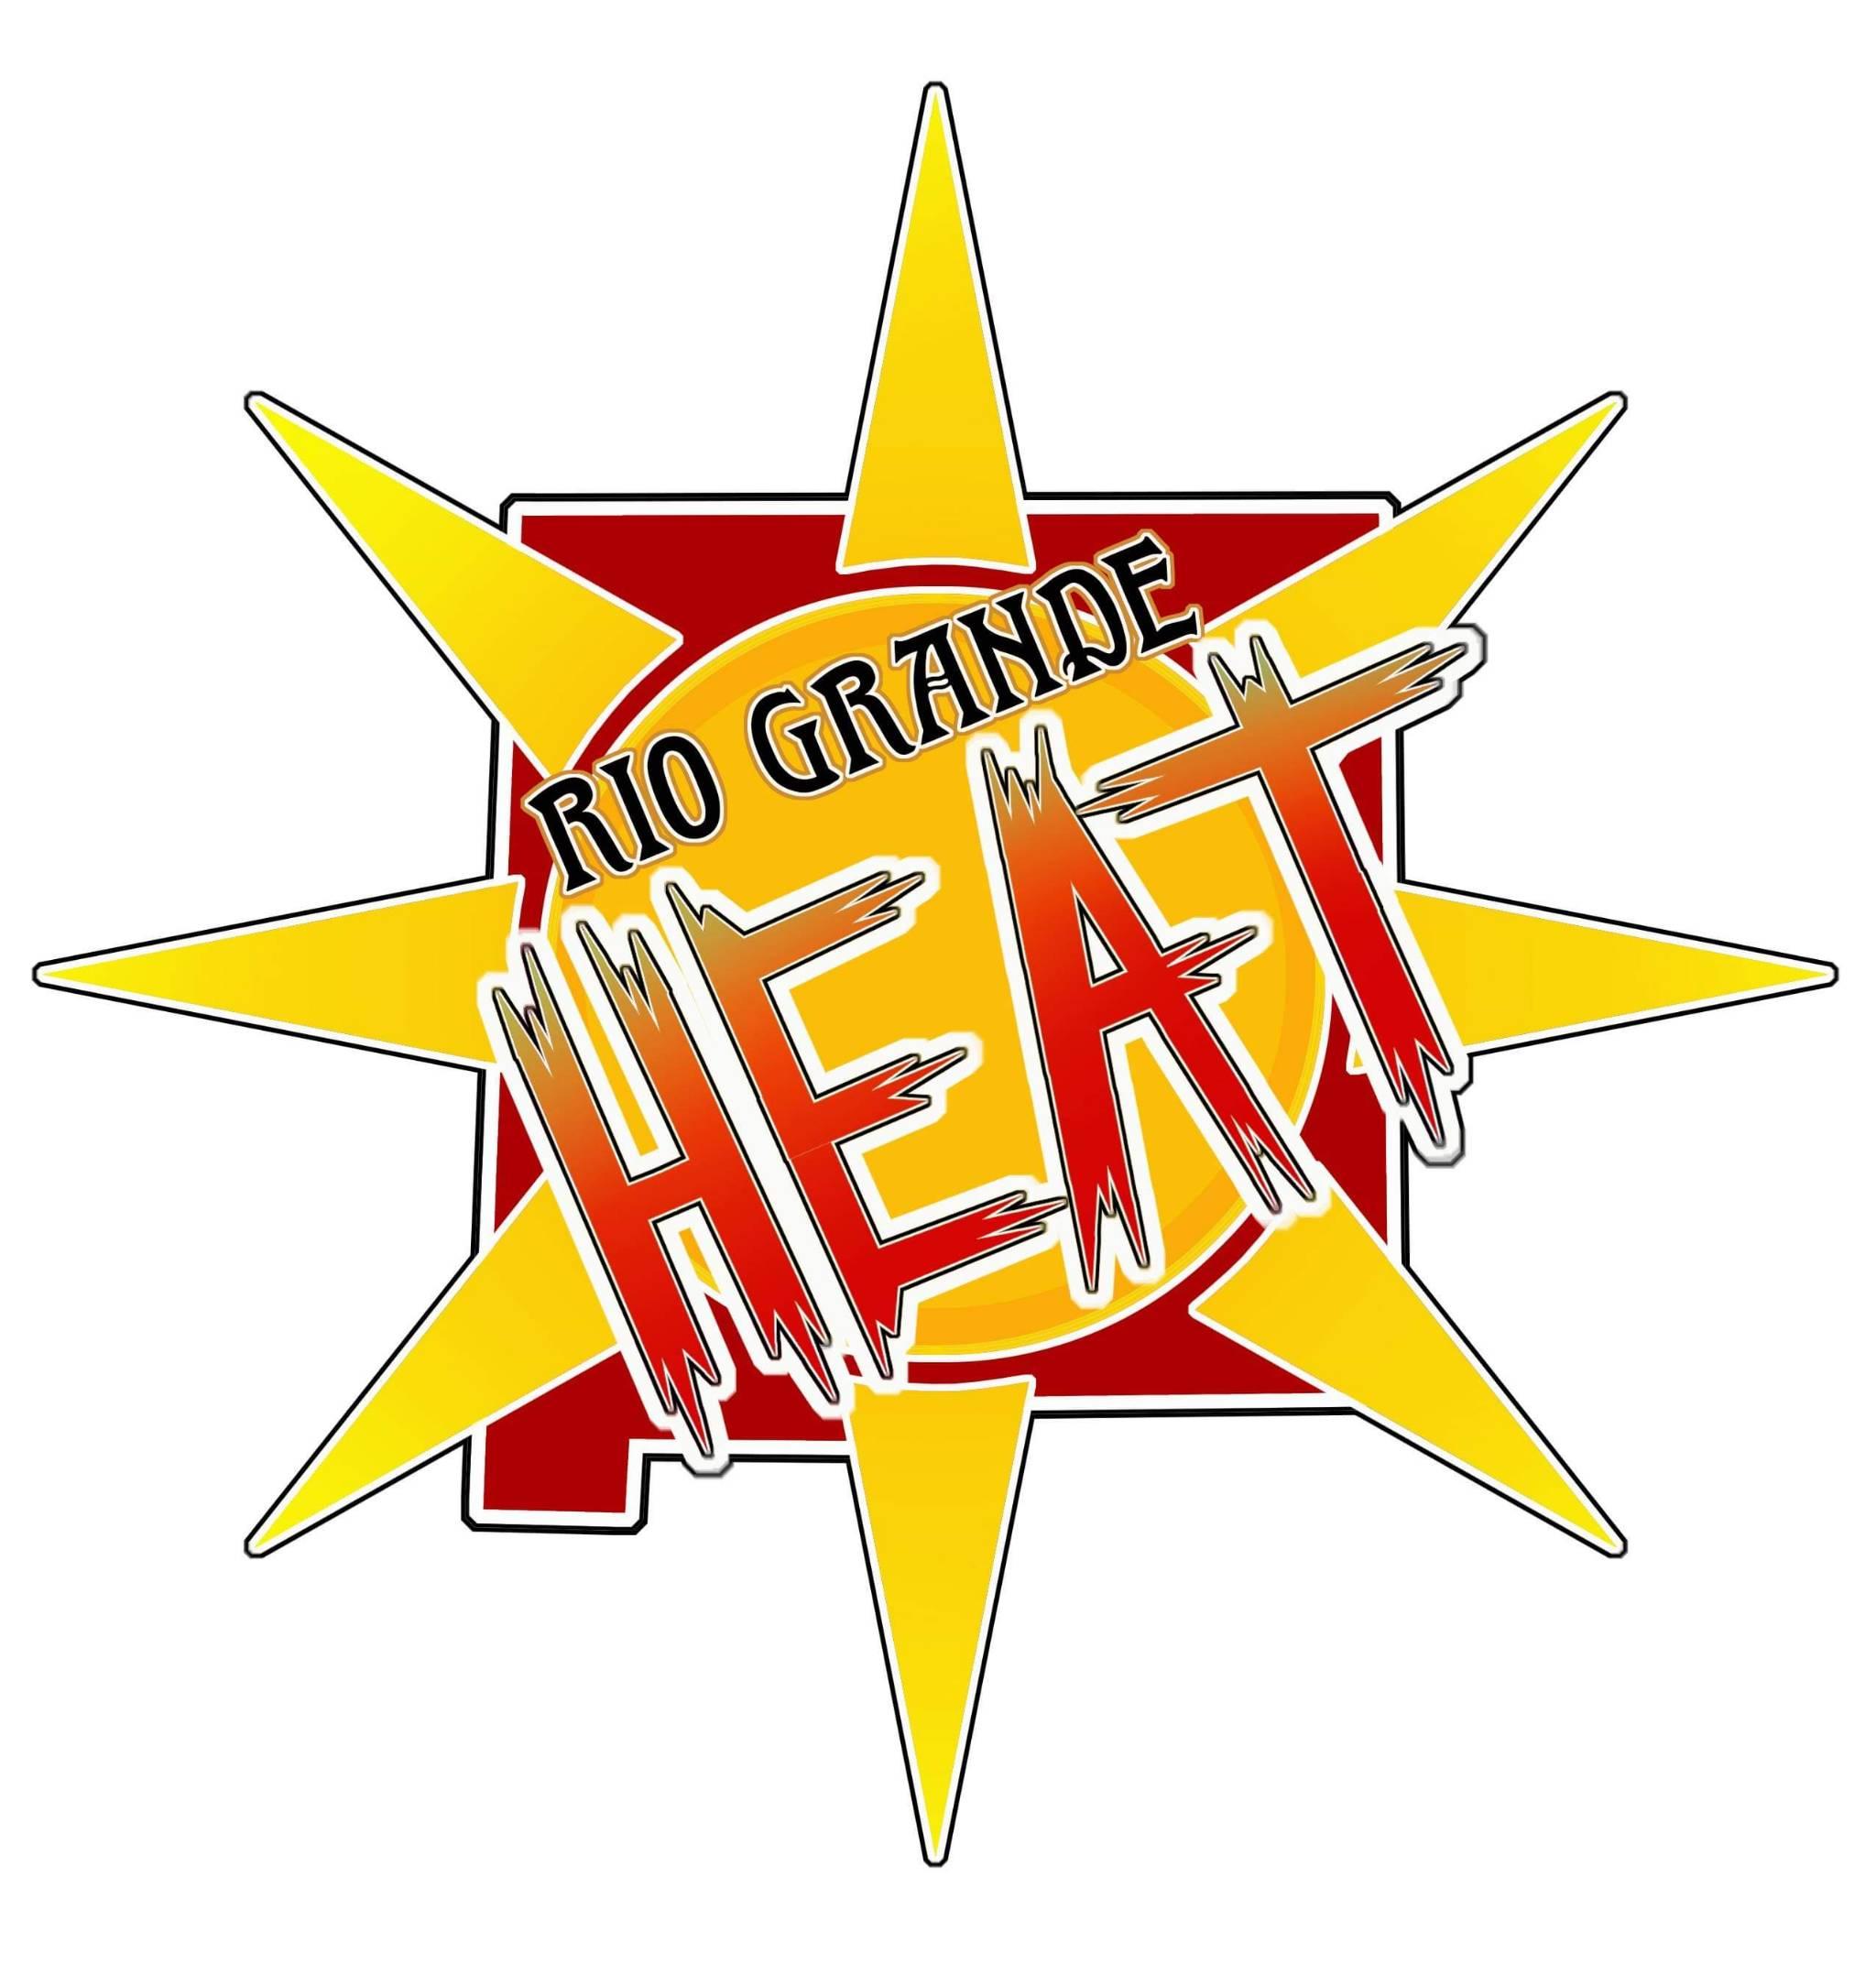 Rio Grande Heat